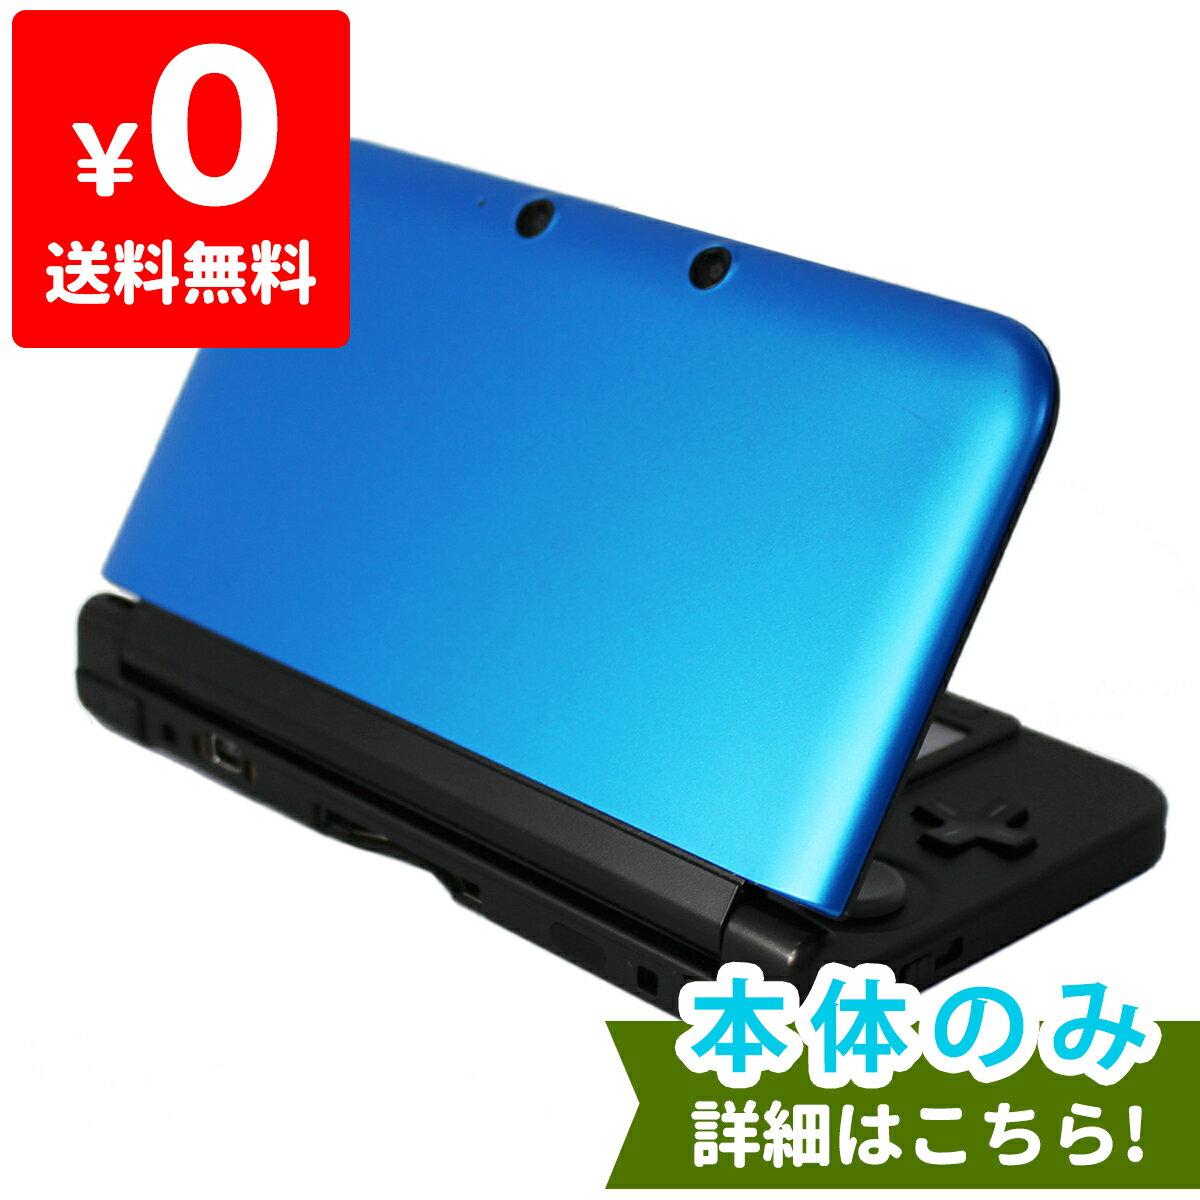 3DSLL ニンテンドー3DS LL ブルーXブラック 本体のみ タッチペン付き Nintendo 任天堂 ニンテンドー 中古 4902370519938 送料無料 【中古】